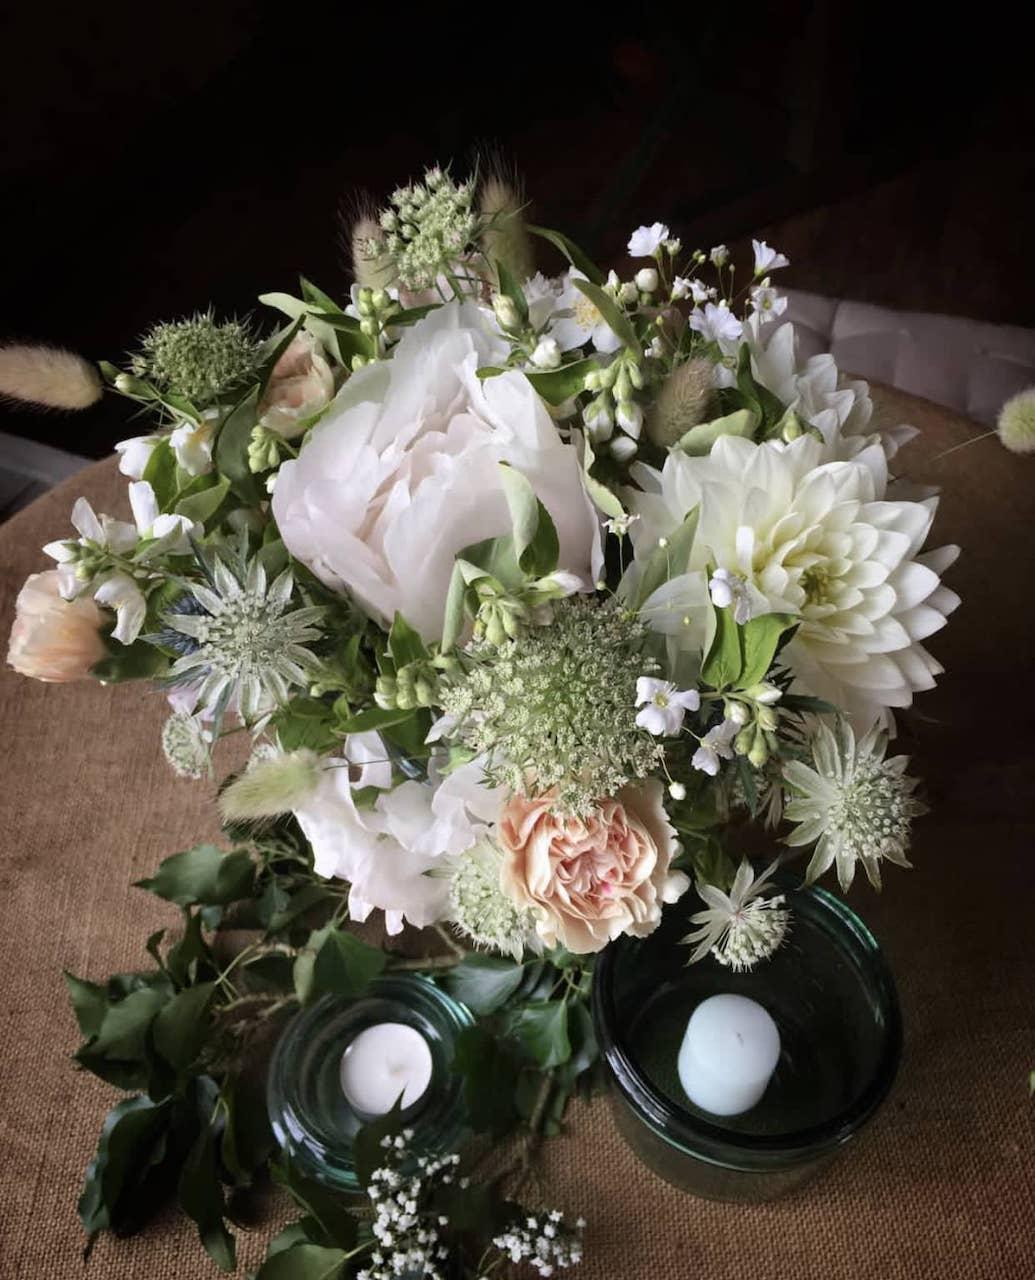 lieu-reception-champetre-pastel-bouquet-table-mariage